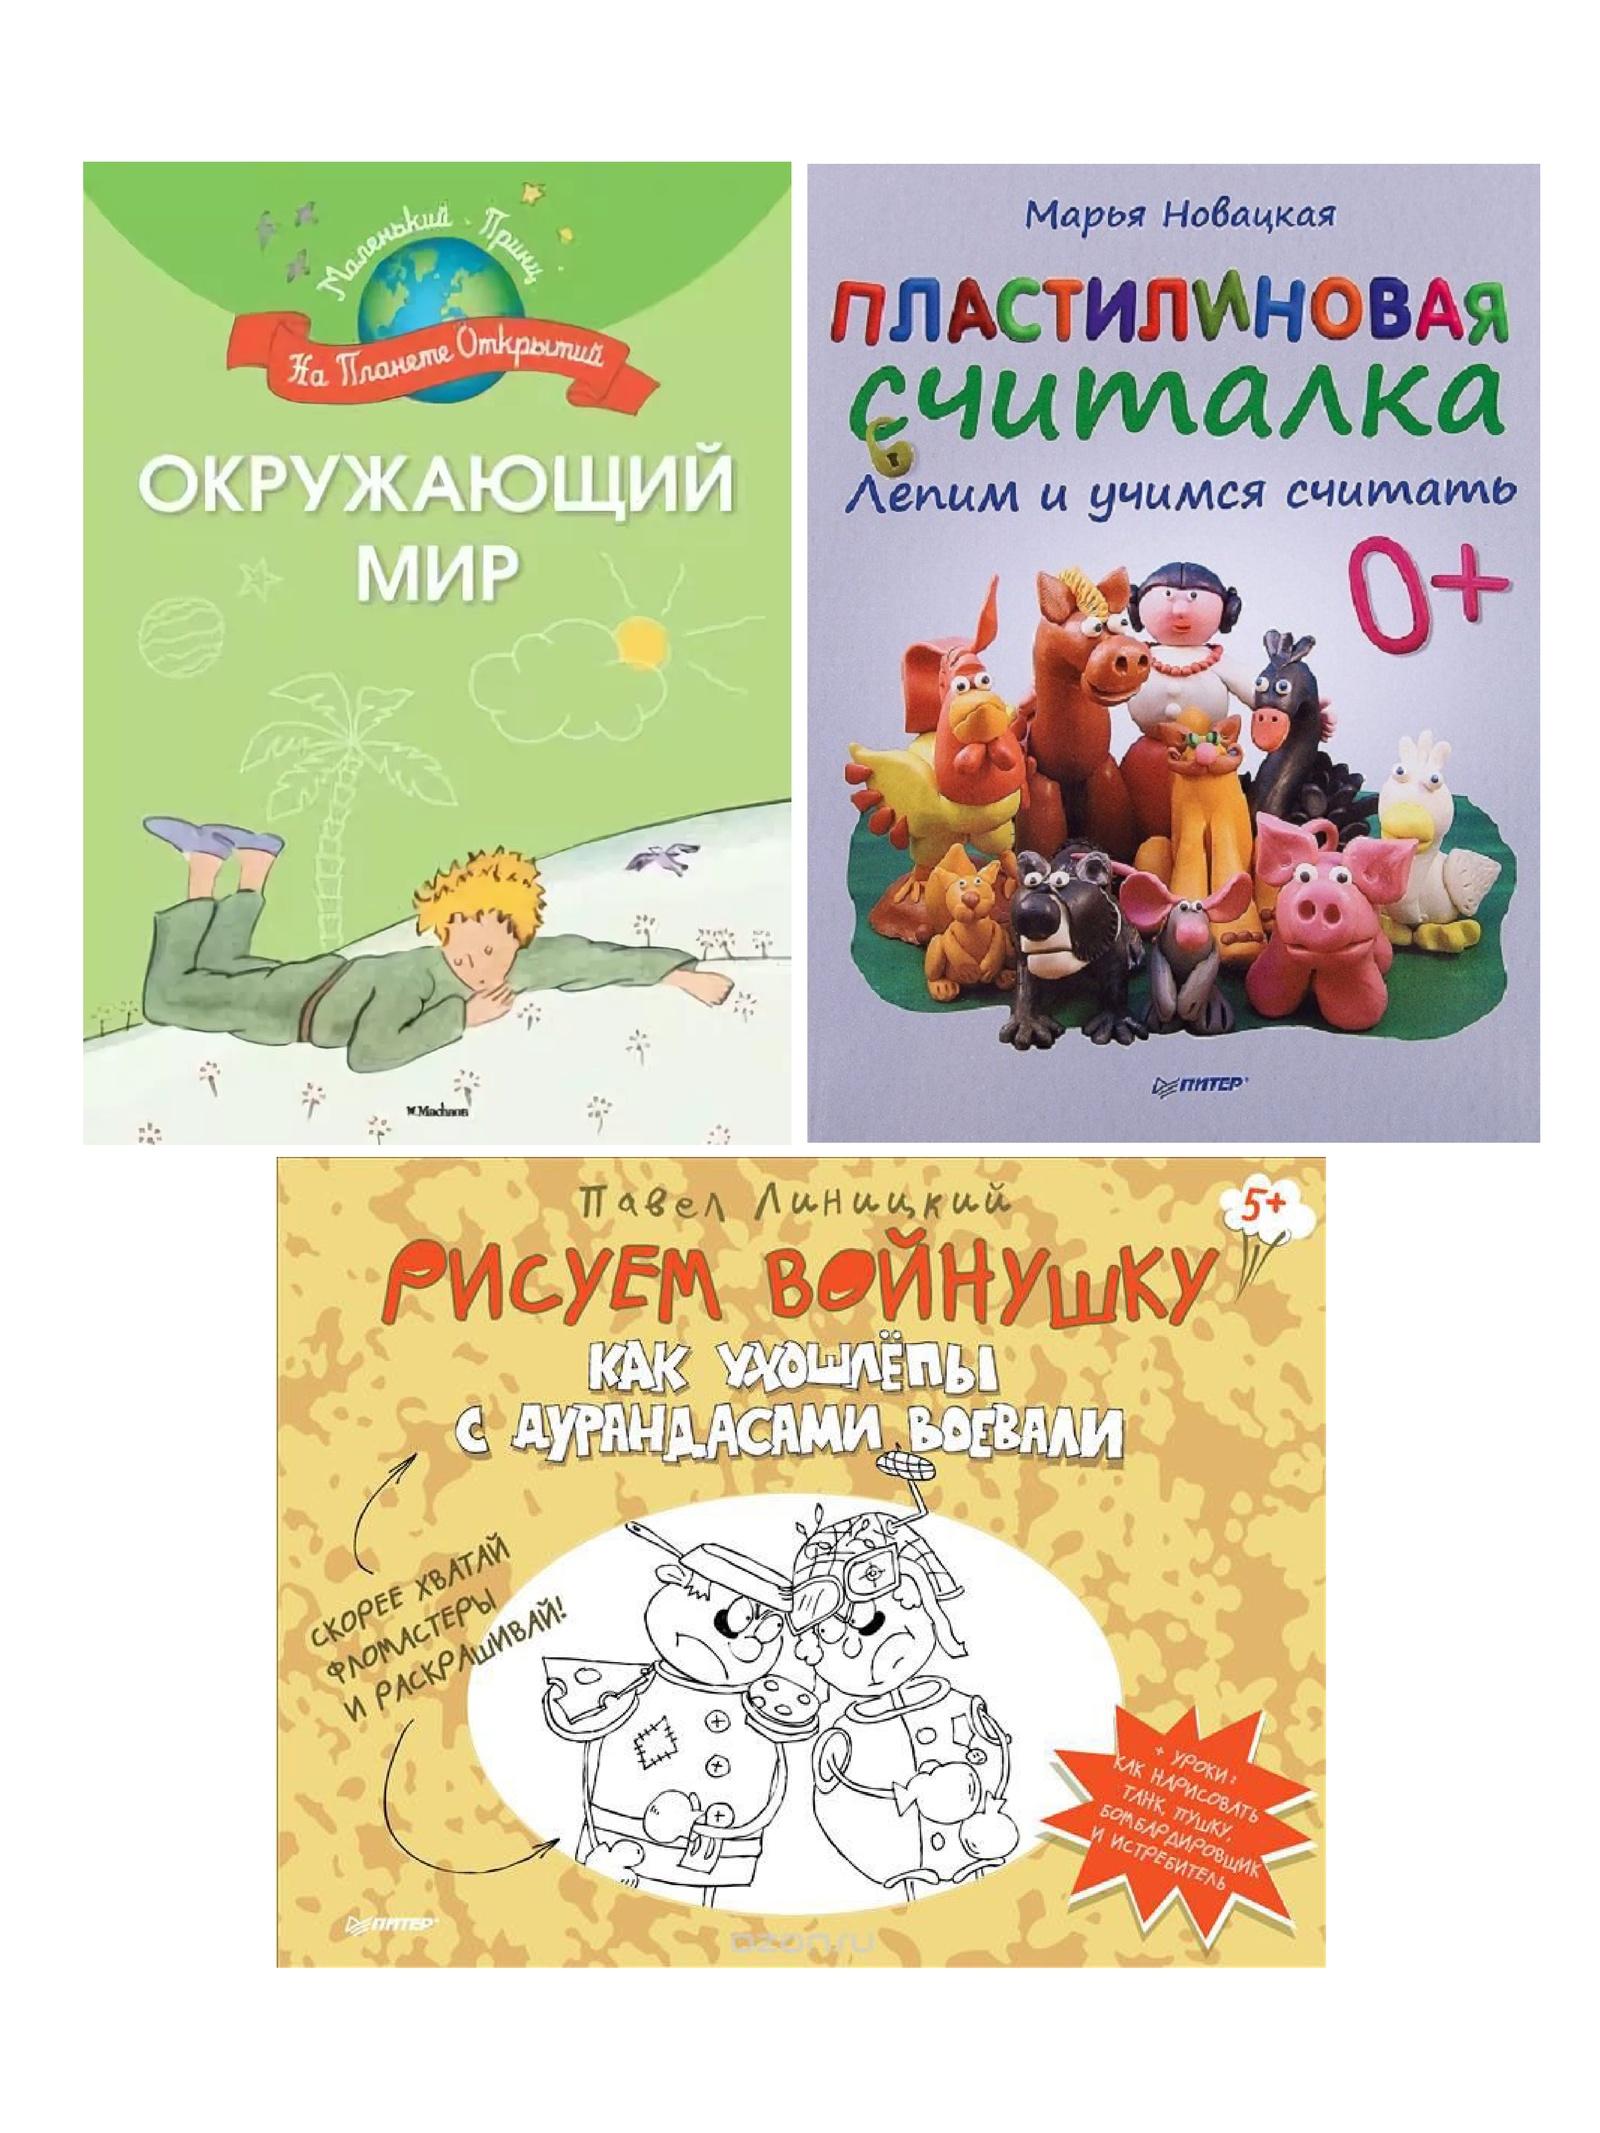 Новацкая М., Линицкий П., Шмидт М. Набор из 3 детских развивающих книг с заданиями Magio